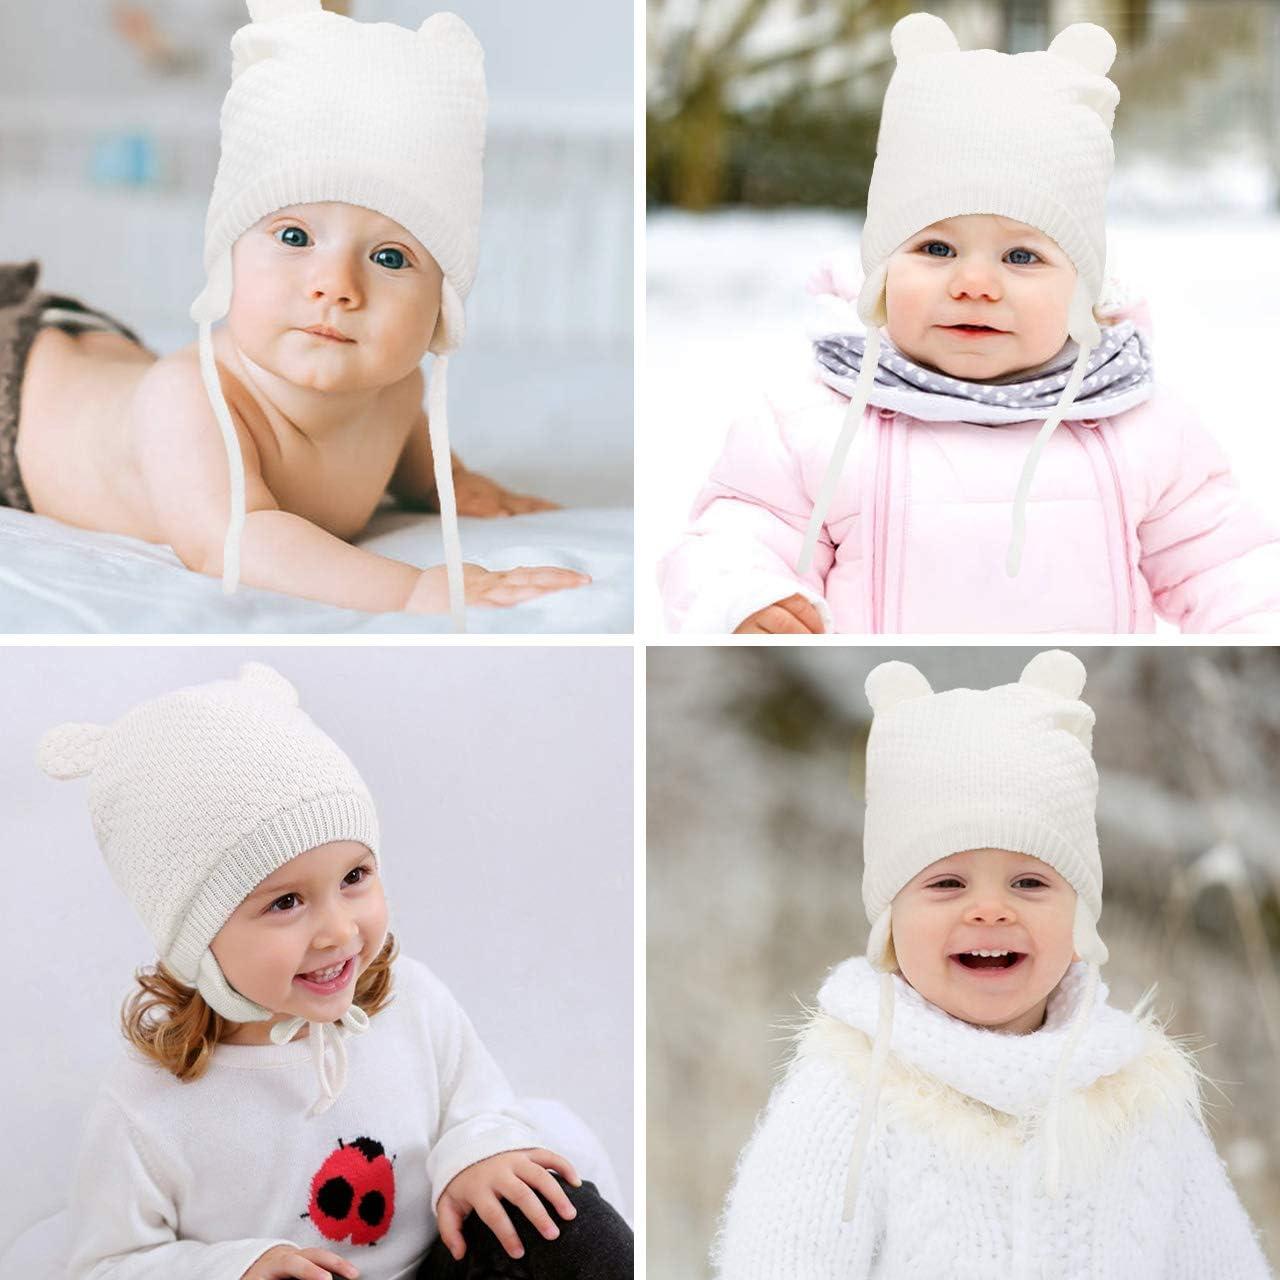 Chapeau Bonnet et Gants Bonnet Chaud Set de 2 Pi/èces pour Enfants 1-3 Ans Bearbro Bonnet tricot/é pour b/éb/é gar/çon Fille Bonnet dhiver